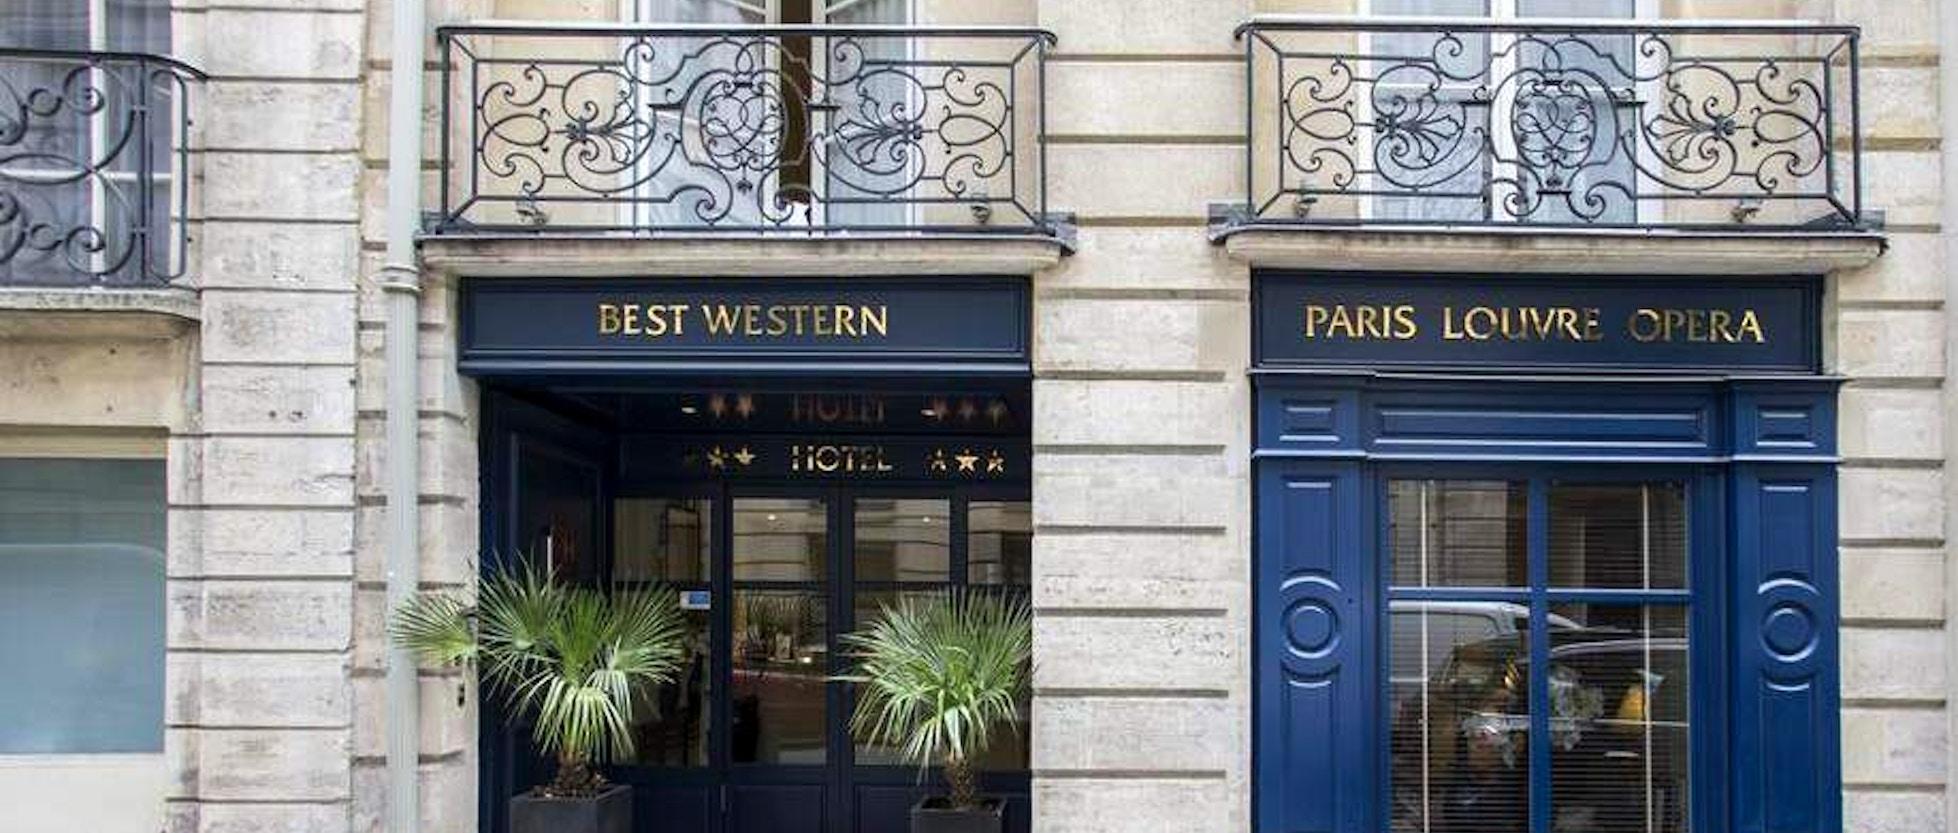 Best Western Parigi: Catena alberghiera per ogni esigenza